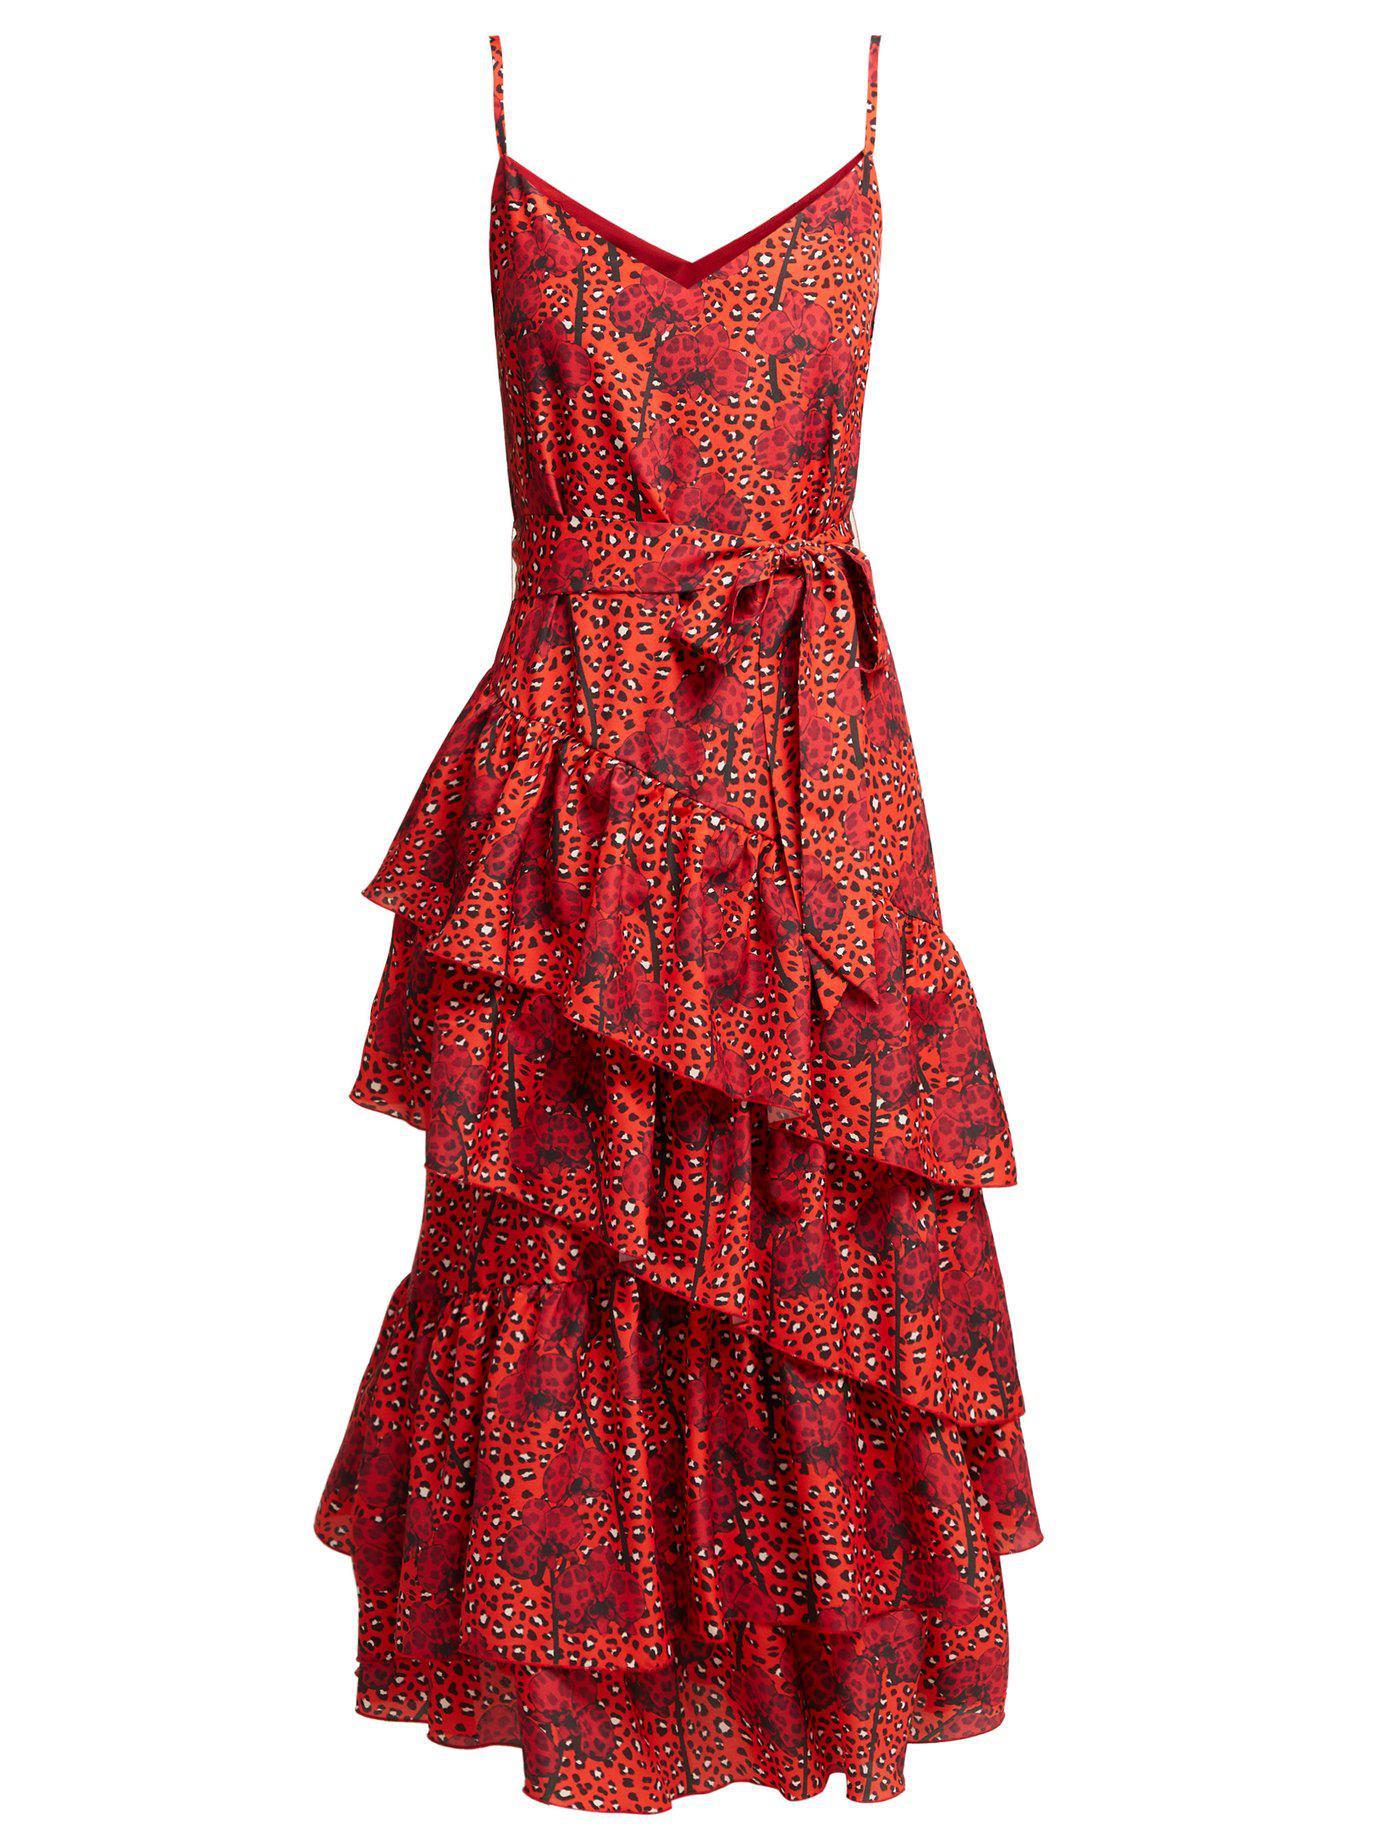 3aac2b6f5e Borgo De Nor. Women s Red Coco Orchid And Leopard Print Crepe Midi Dress